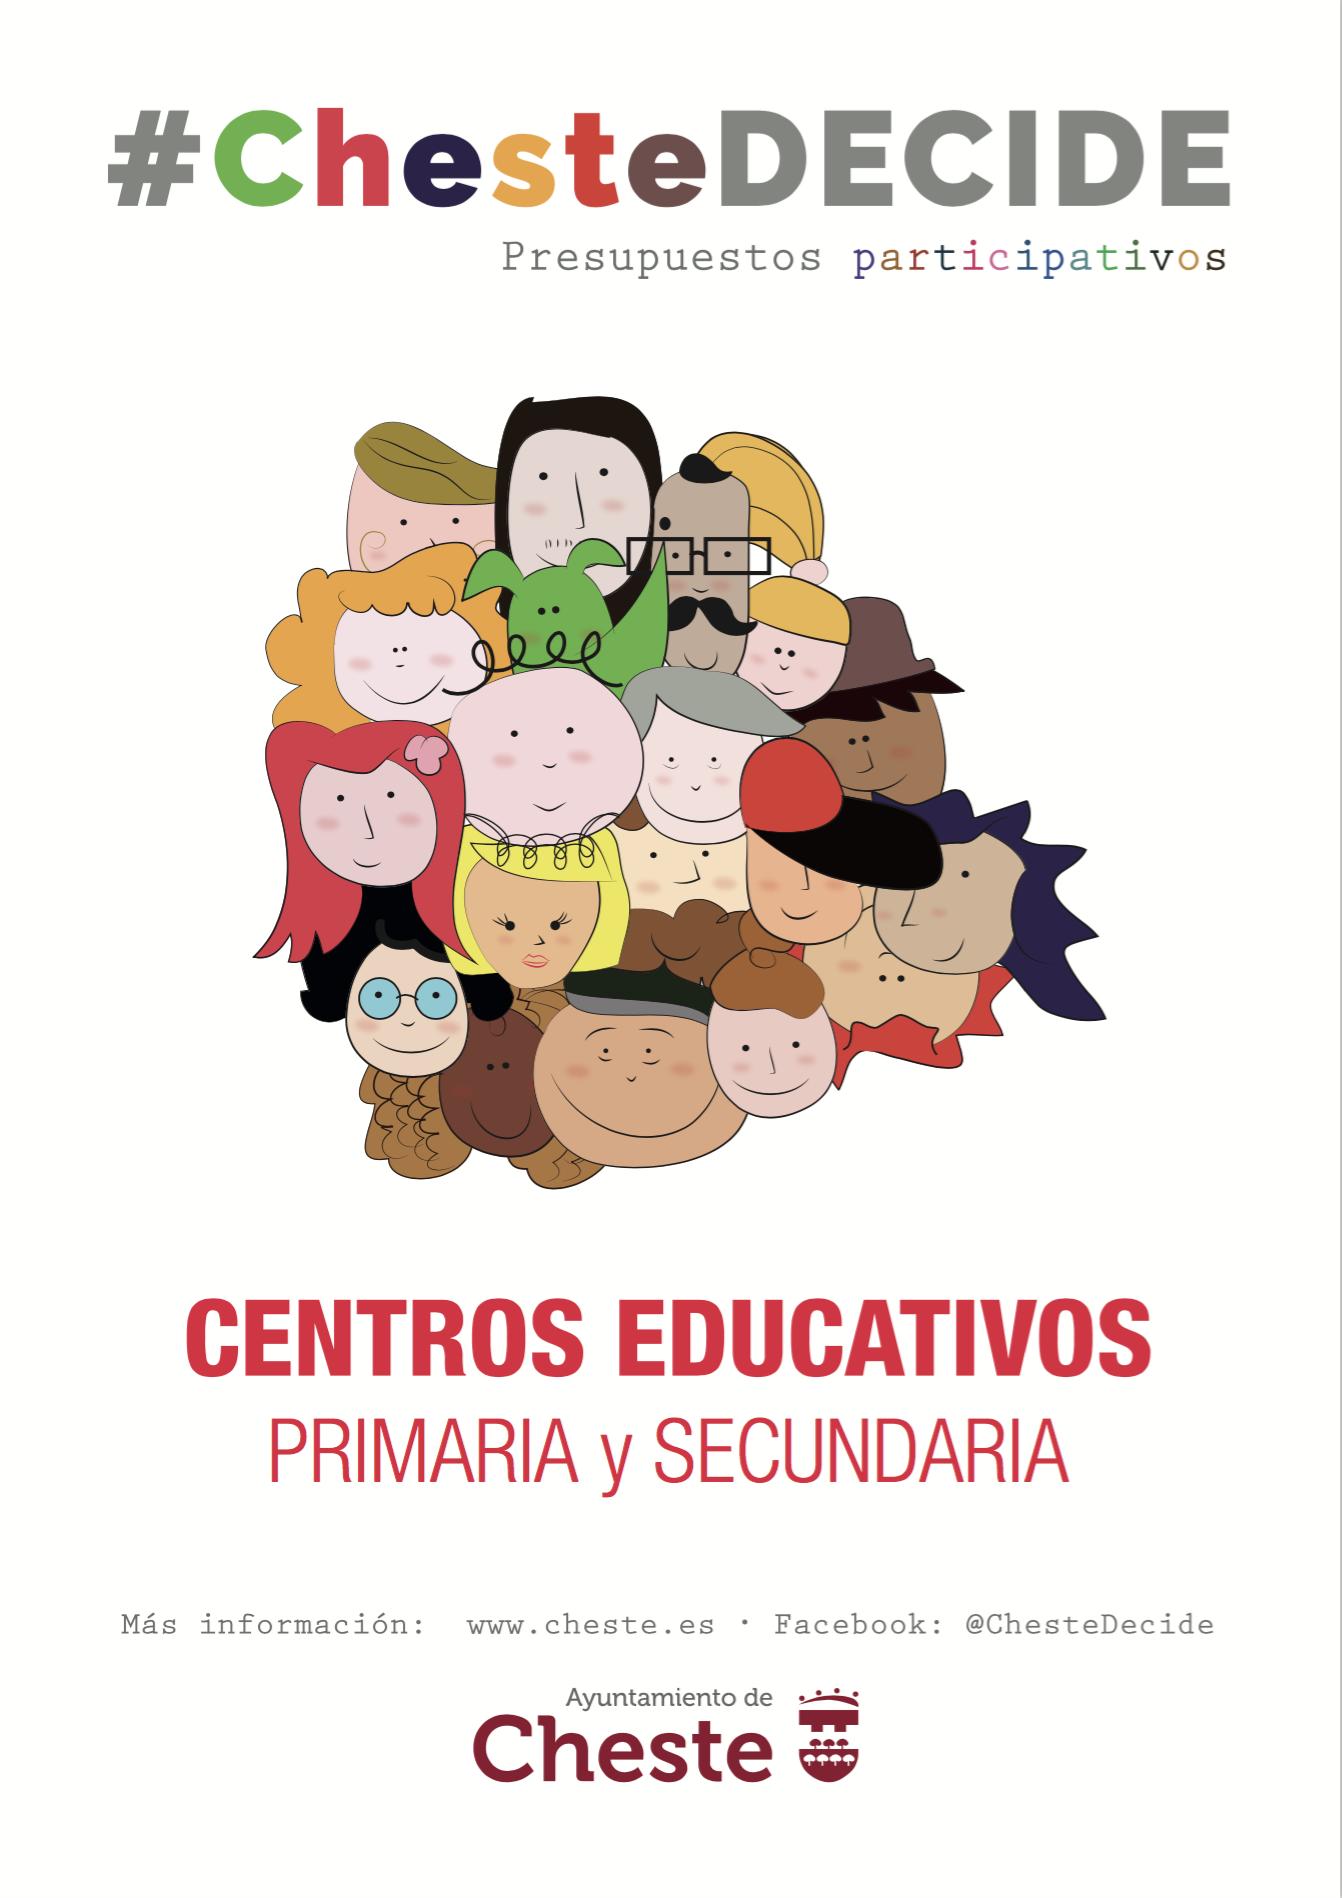 Cartel #ChesteDecide para los centros educativos.